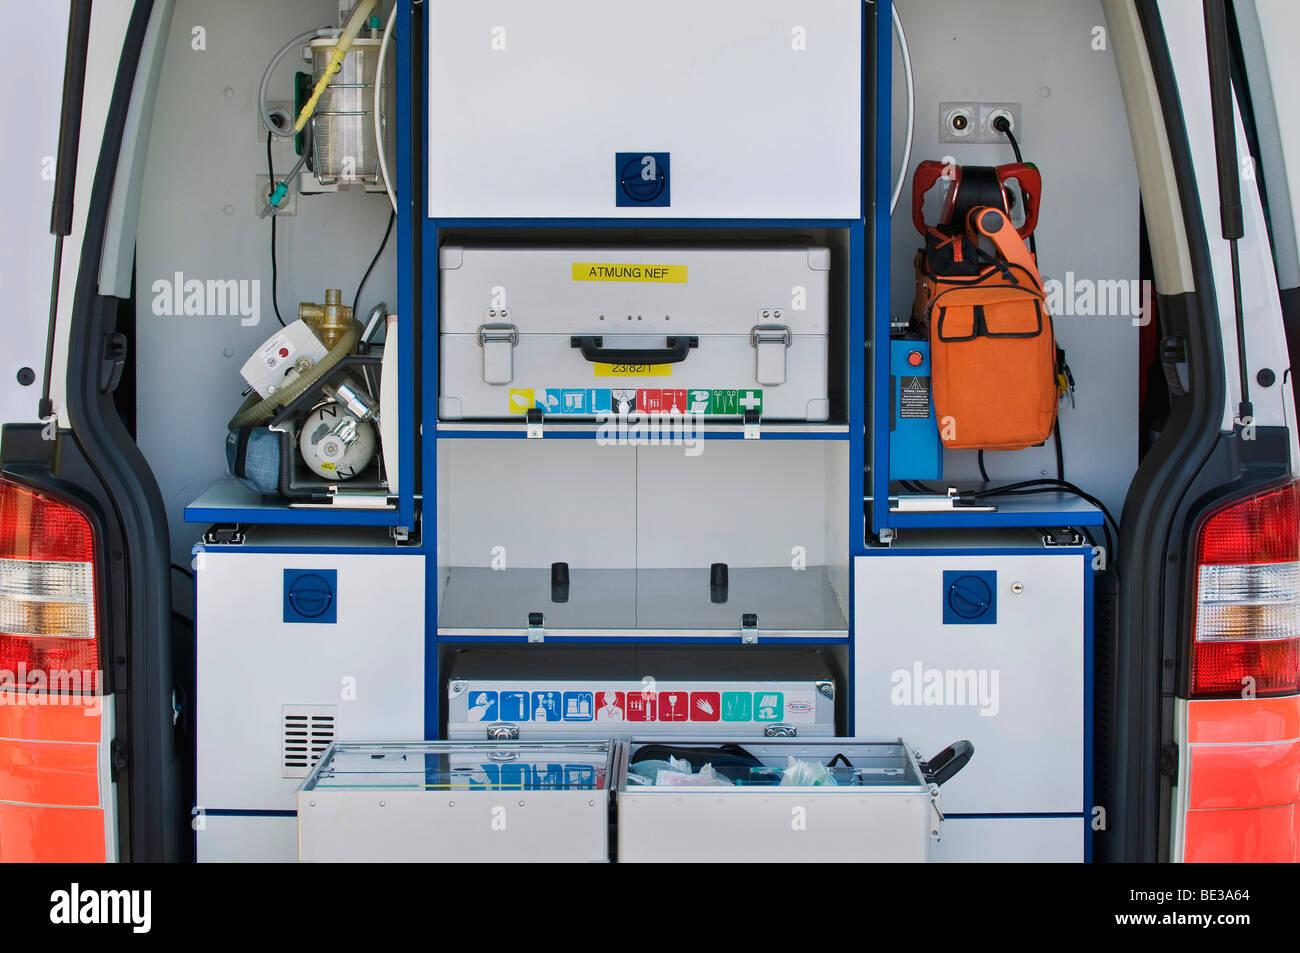 L'intérieur d'une ambulance, des médicaments et des machines, à portée de main Photo Stock